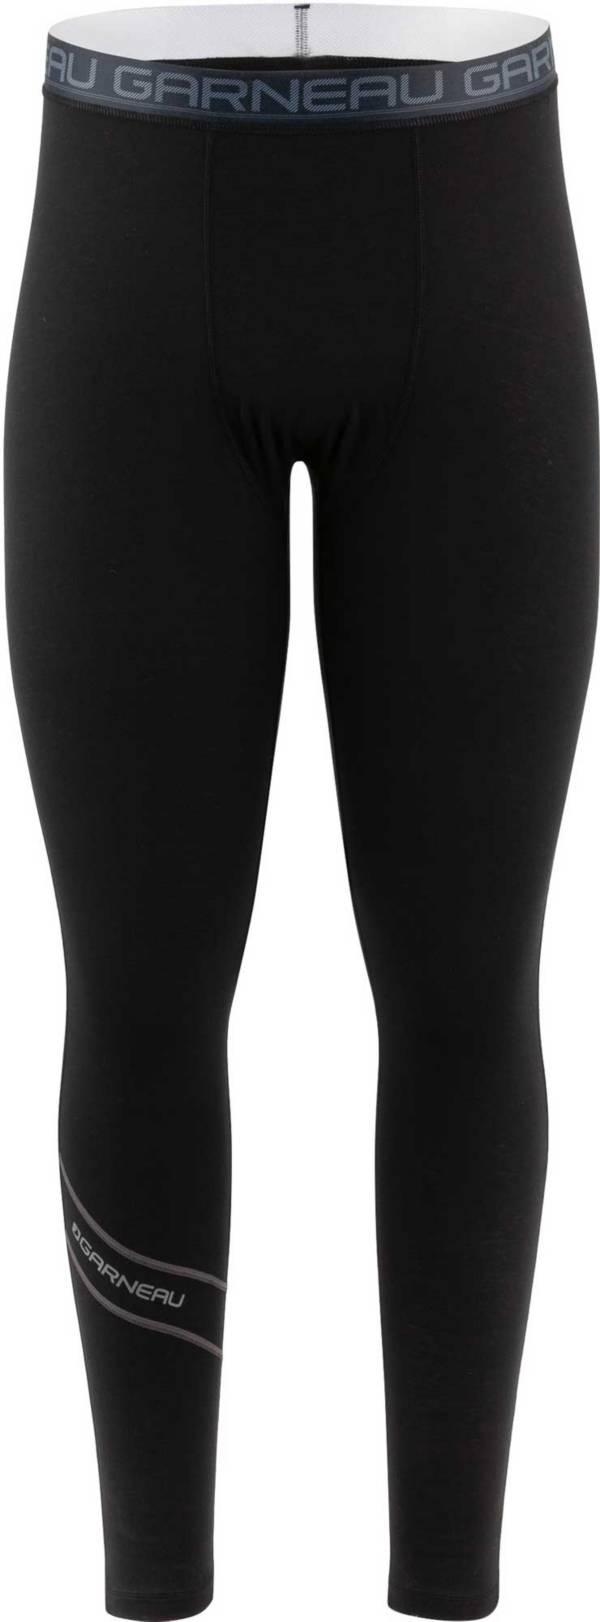 Louis Garneau Men's 2004 Pants product image